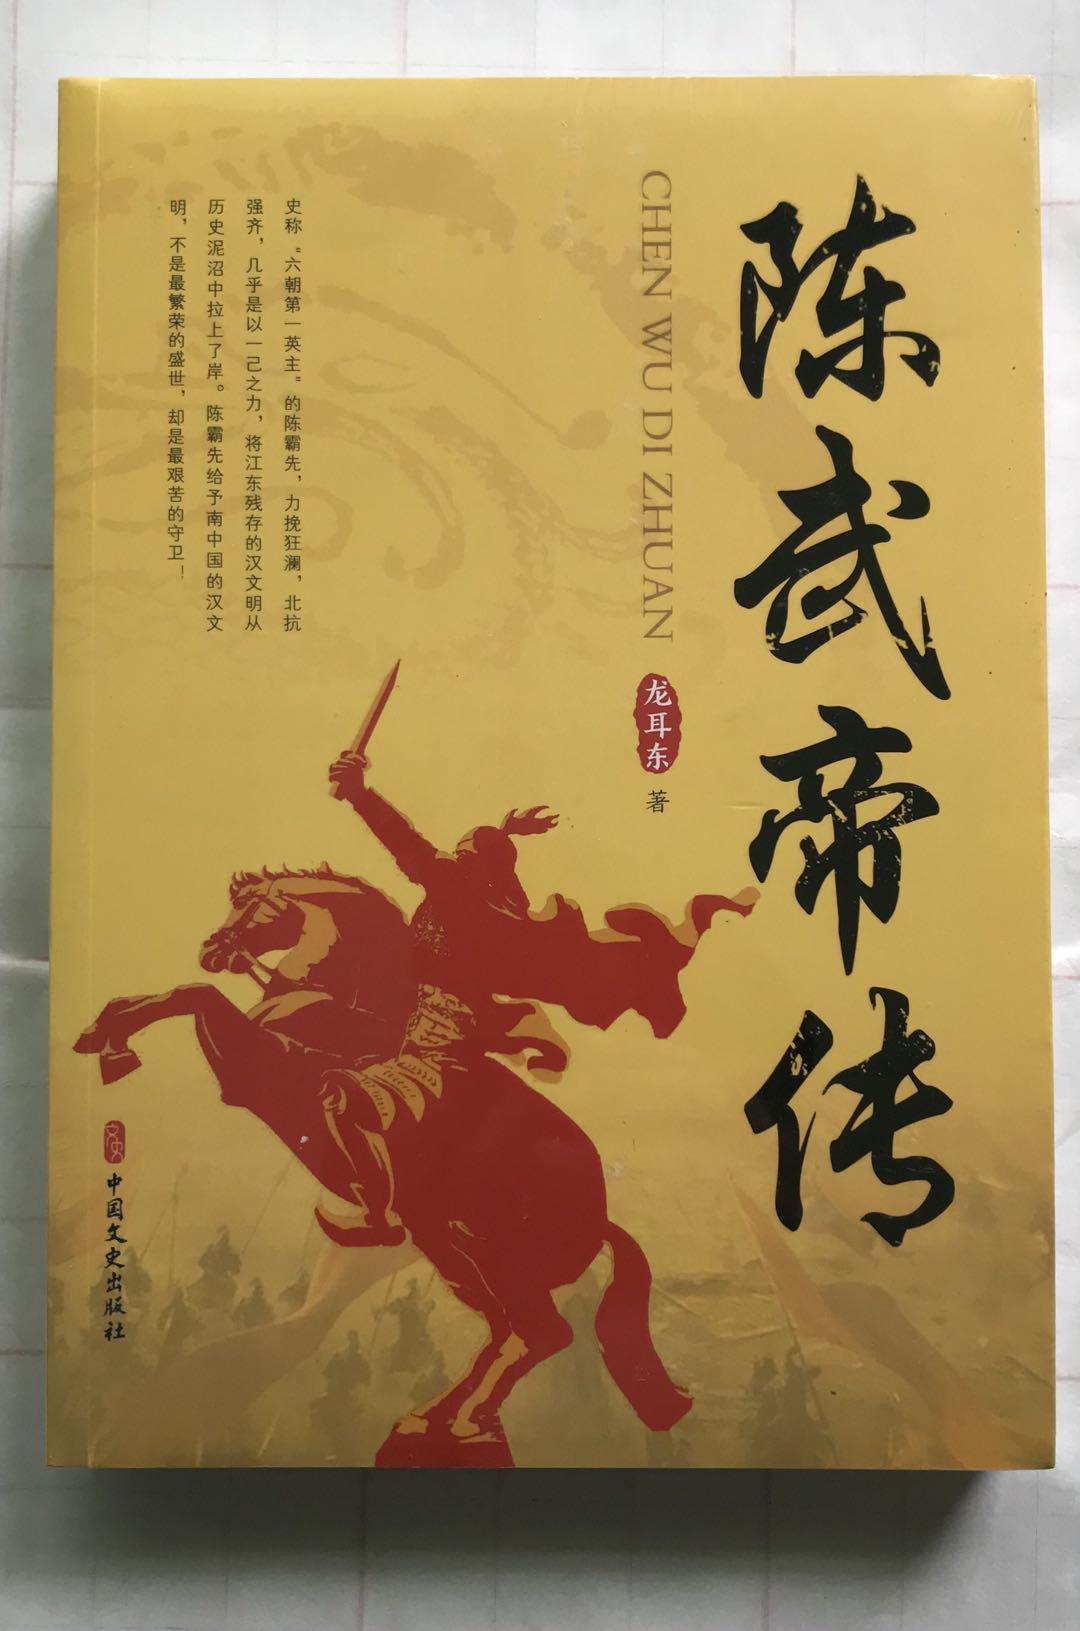 陈霸先远洋跨海作战,创中国古代军史首次